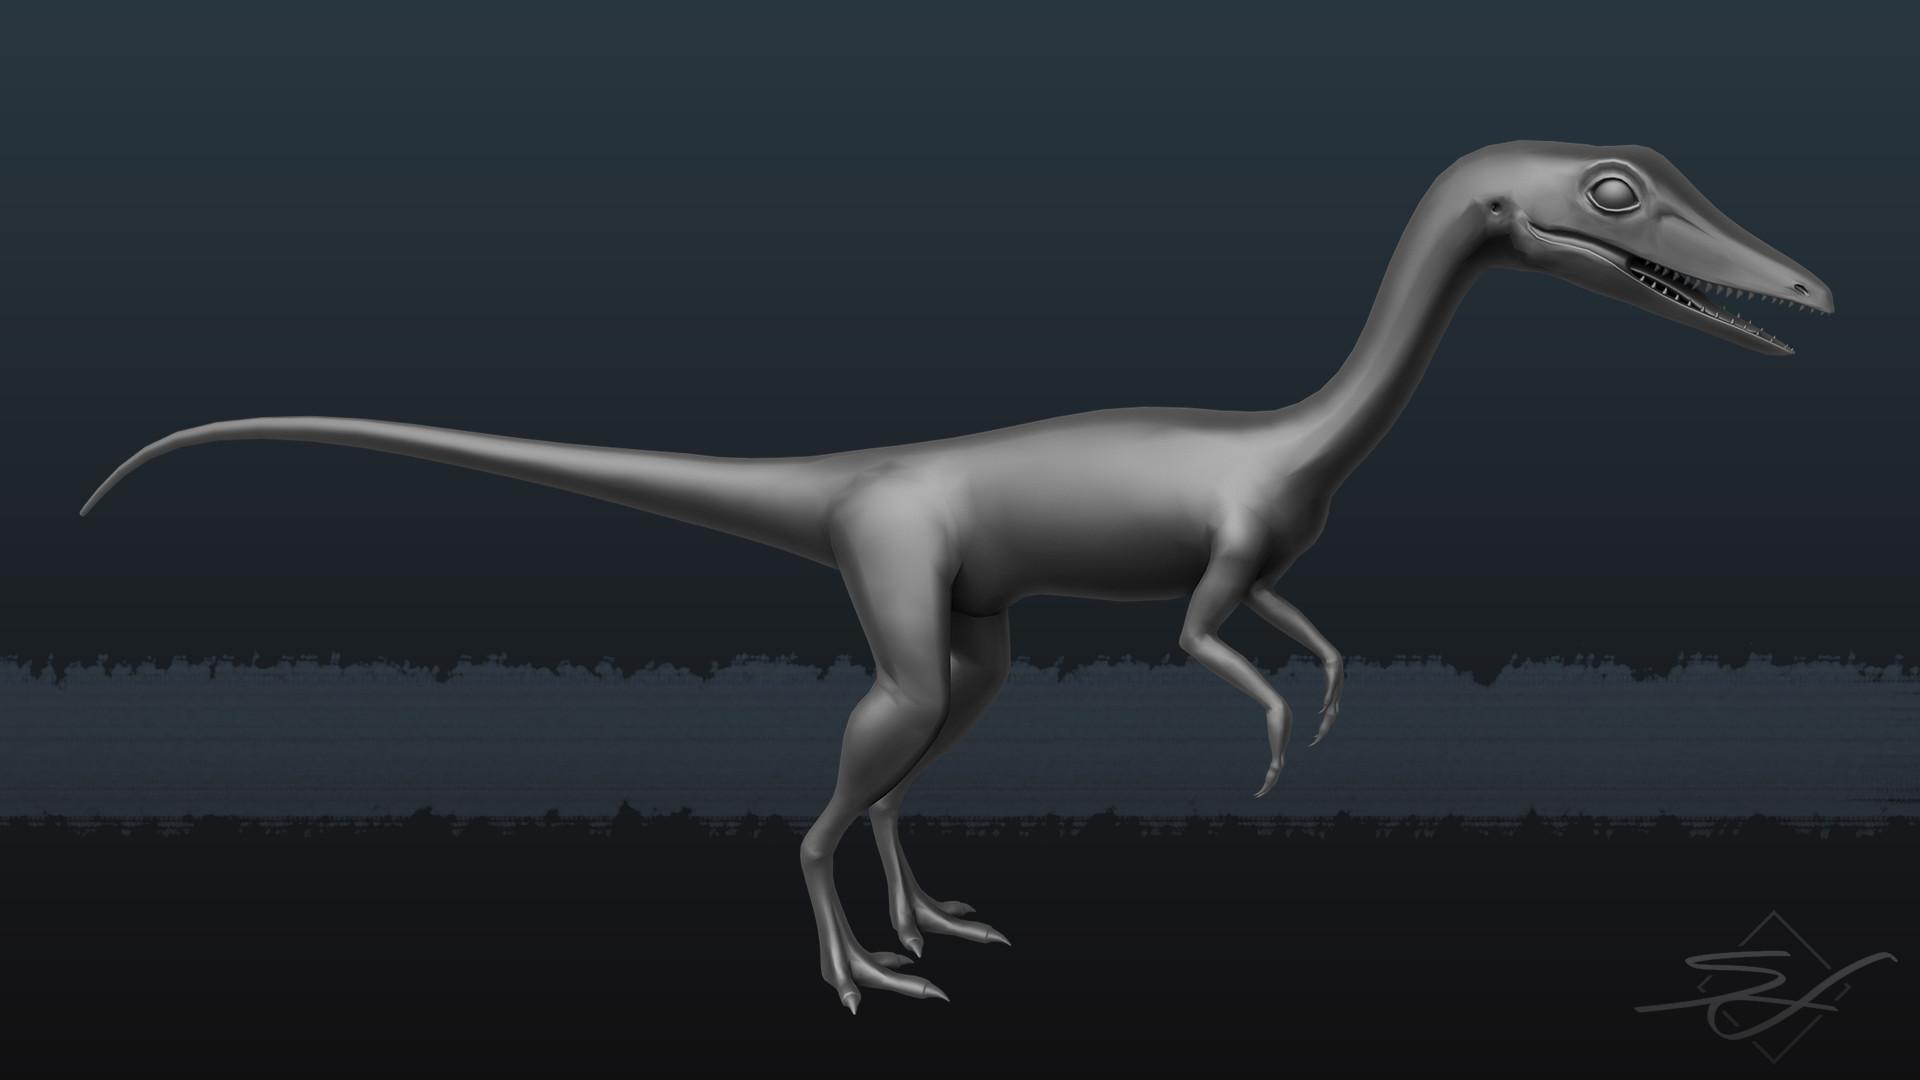 Sebastian irmer compsognathus render 02